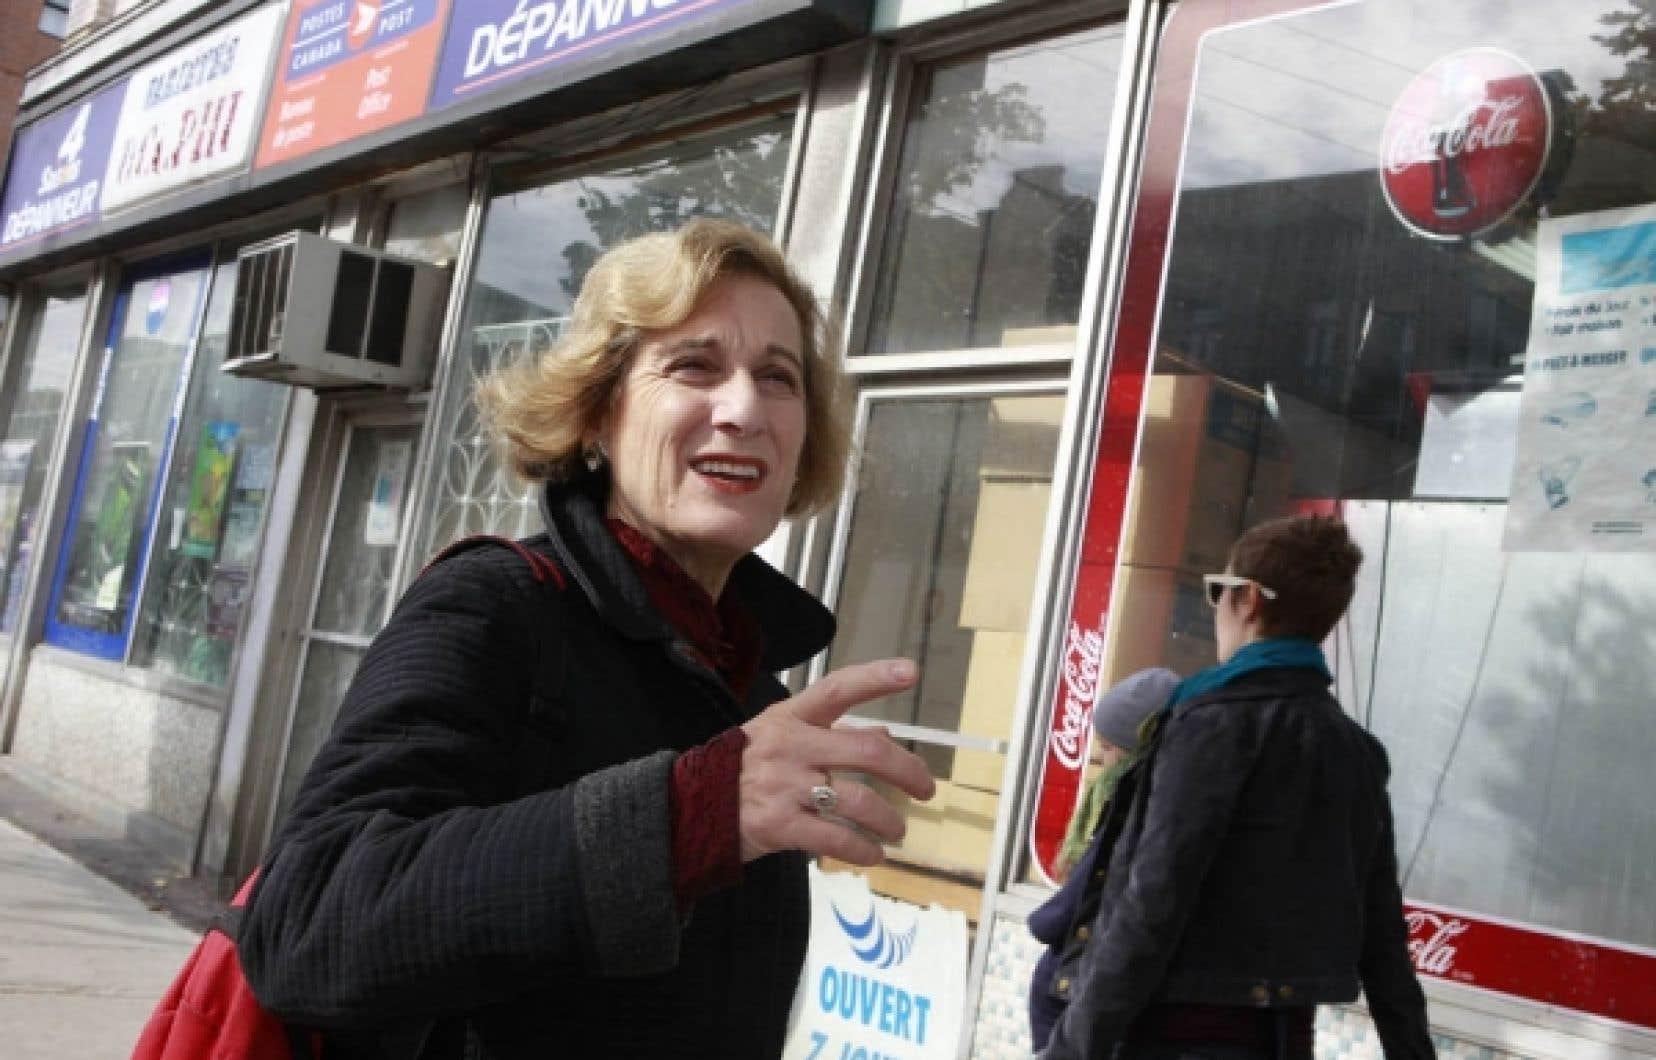 Sherry Simon, professeure et chercheuse au Département d'études françaises de l'Université Concordia. Pour elle, dans une ville comme Montréal, les traducteurs sont d'inestimables guides.<br />